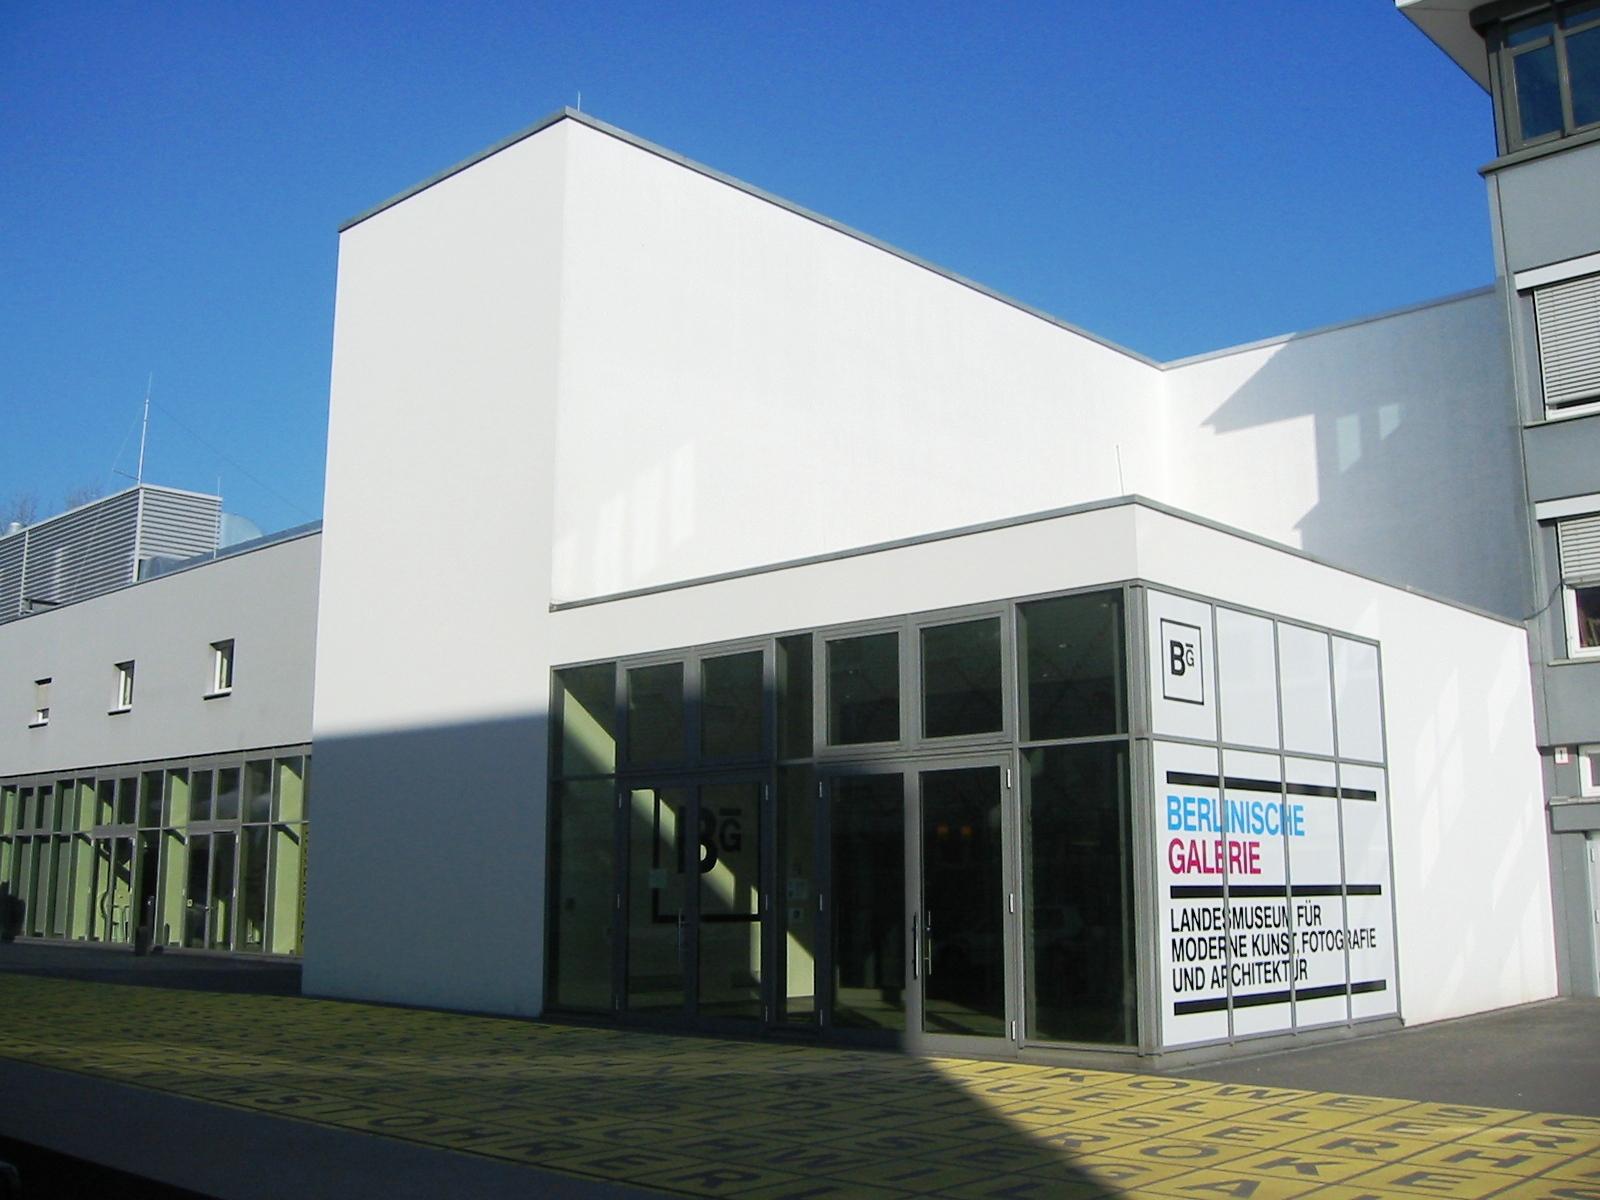 Dateiberlinische Galerie Und Berlin Kreuzbergjpg Wikipedia